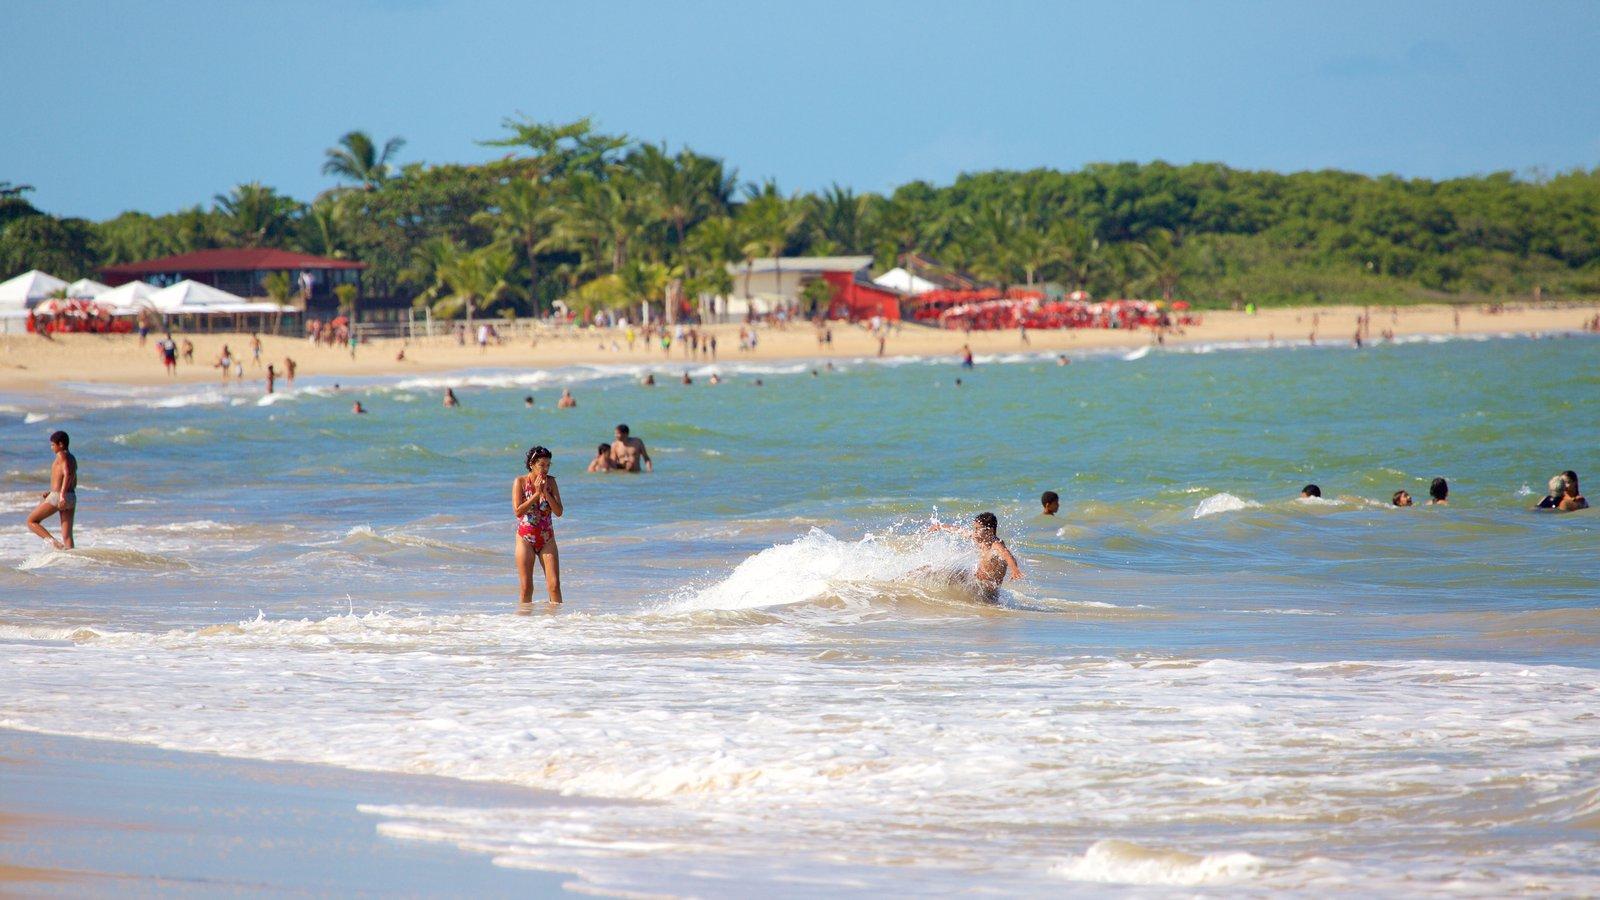 Praia de Taperapuã caracterizando ondas, paisagens litorâneas e uma praia